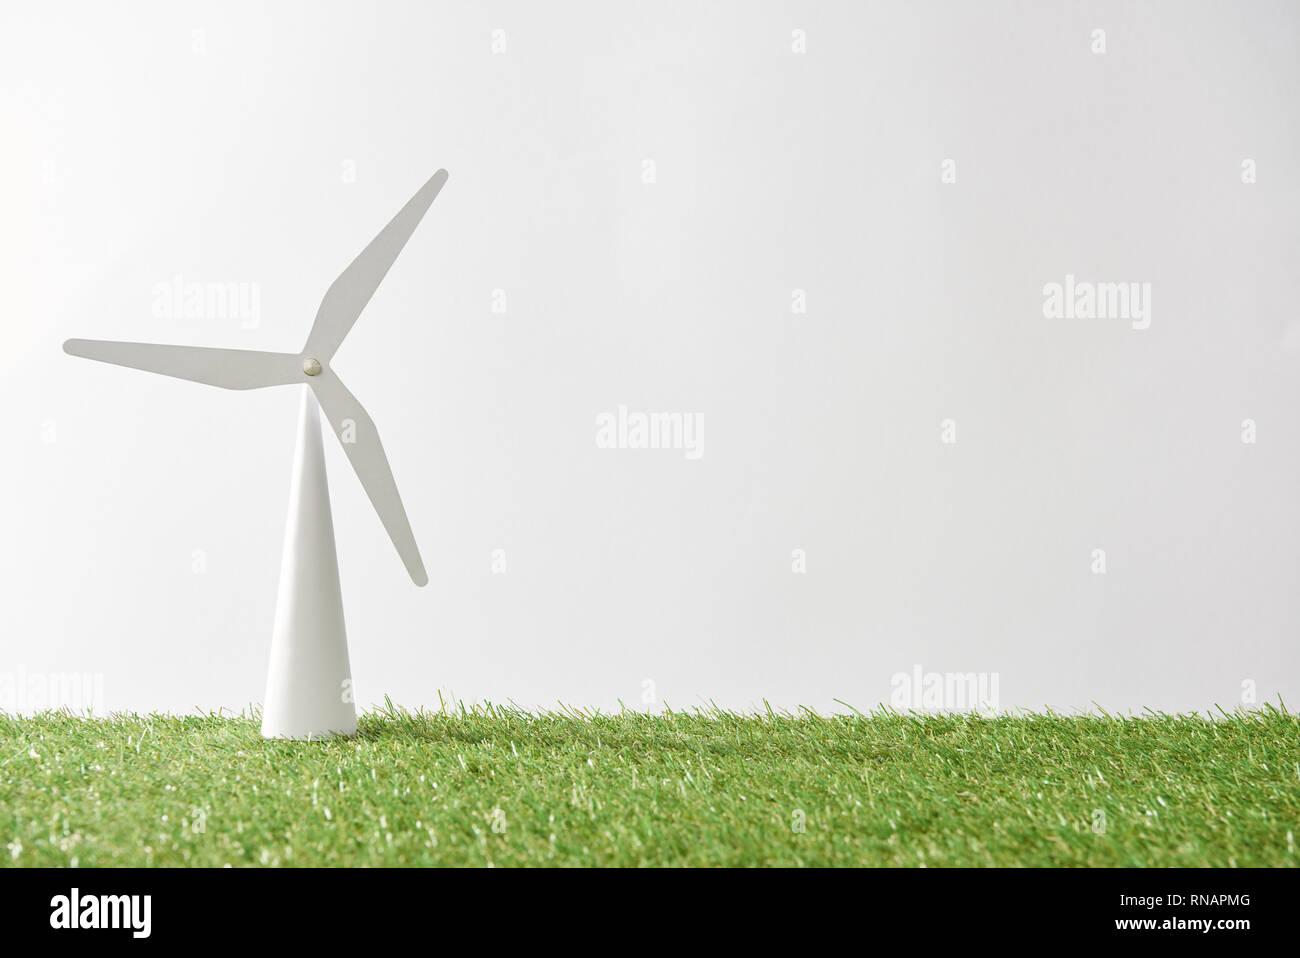 Modelo de molino de viento sobre la hierba verde y fondo blanco con espacio de copia Foto de stock